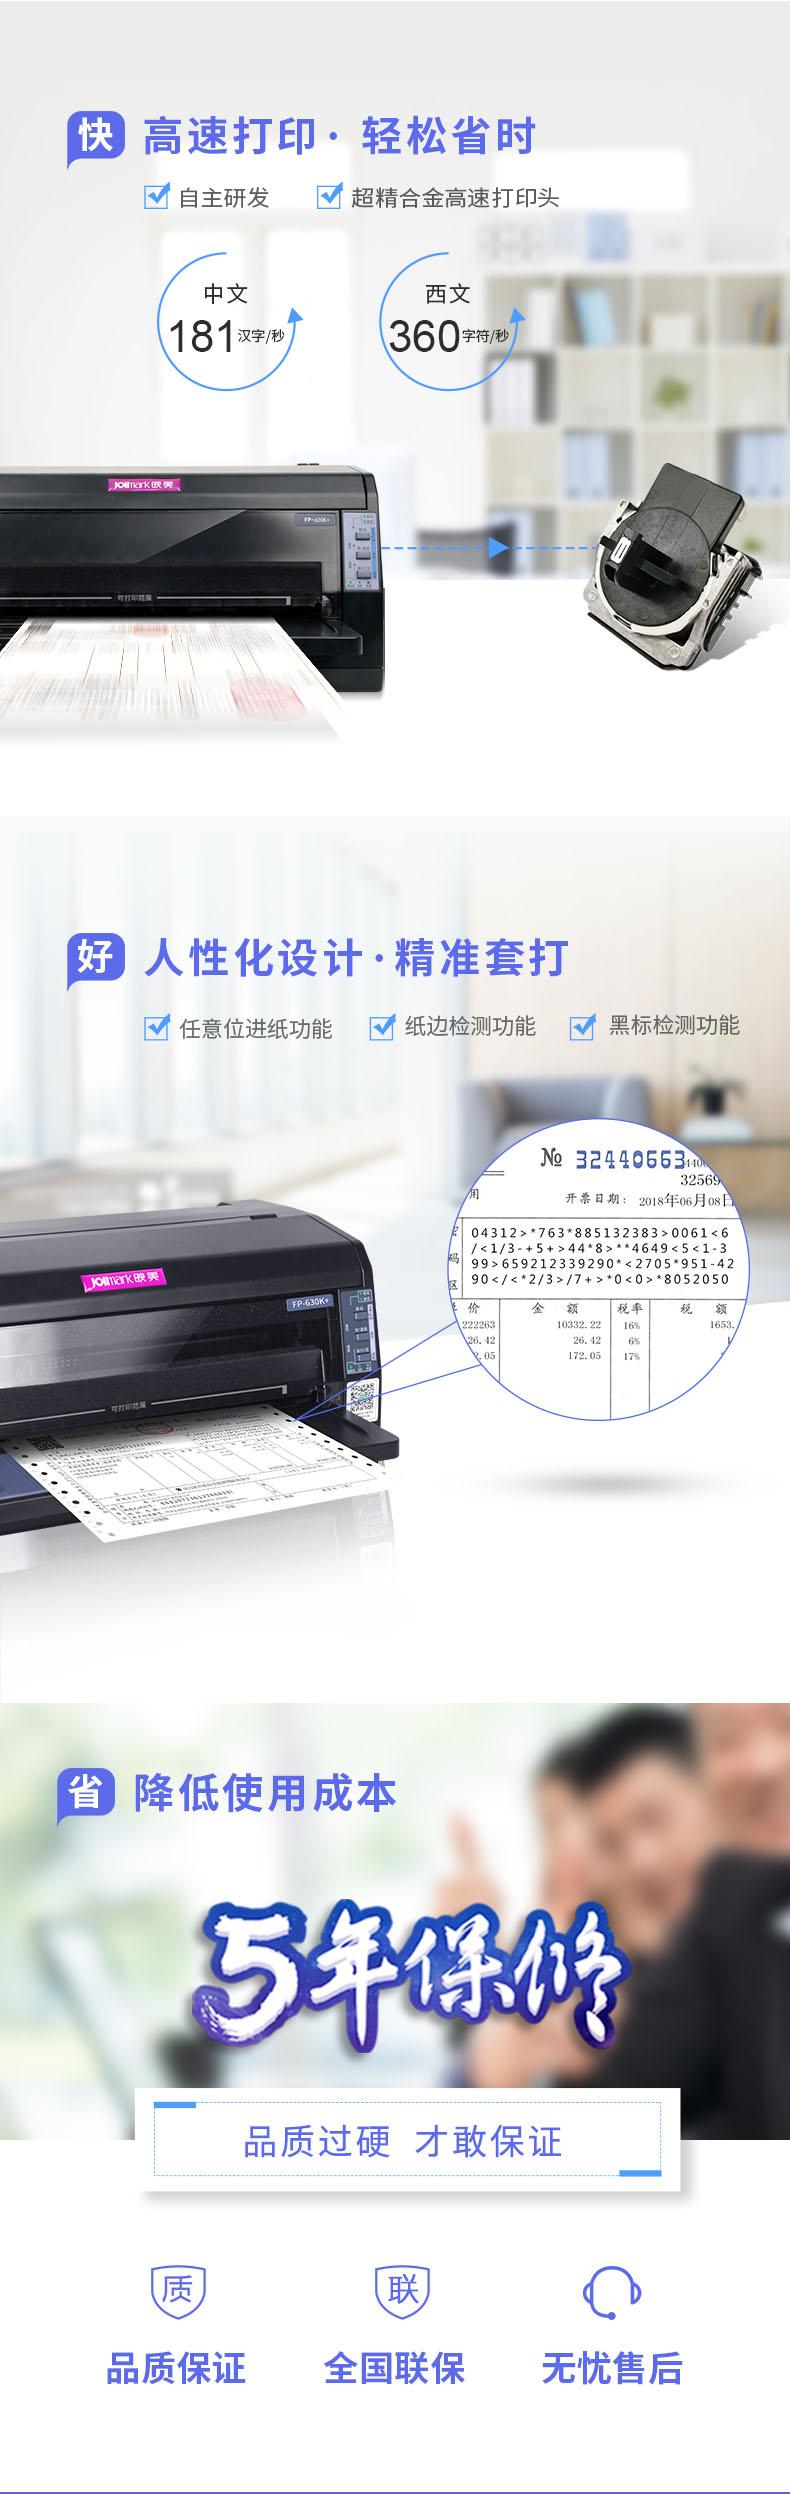 映美(Jolimark) FP-630K+ 针式打印机(24针82列平推式)